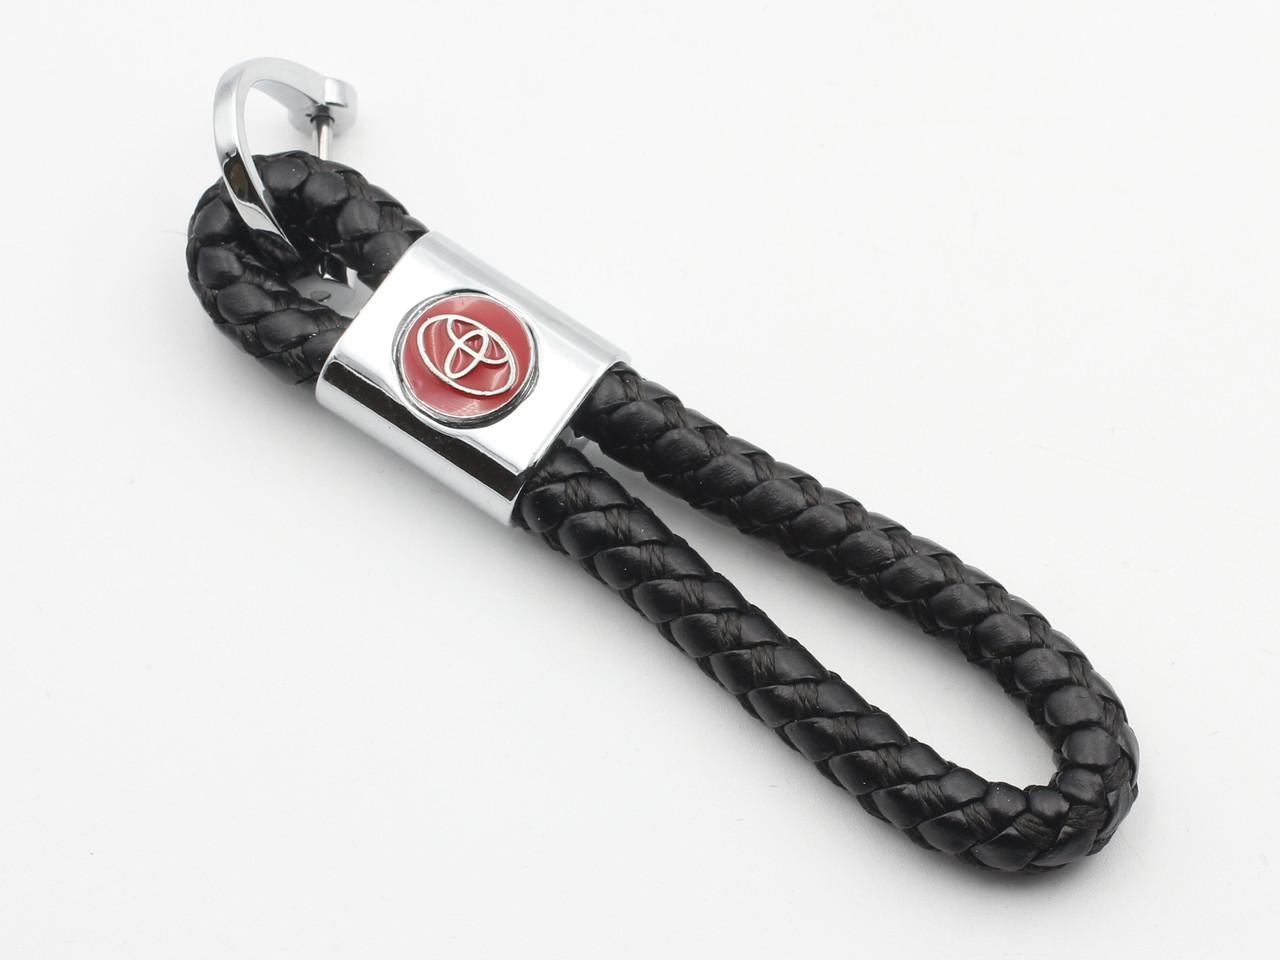 Брелок плетінка з логотипом автомобіля Toyota, брелок петля для автомобільних ключів Toyota чорного кольору